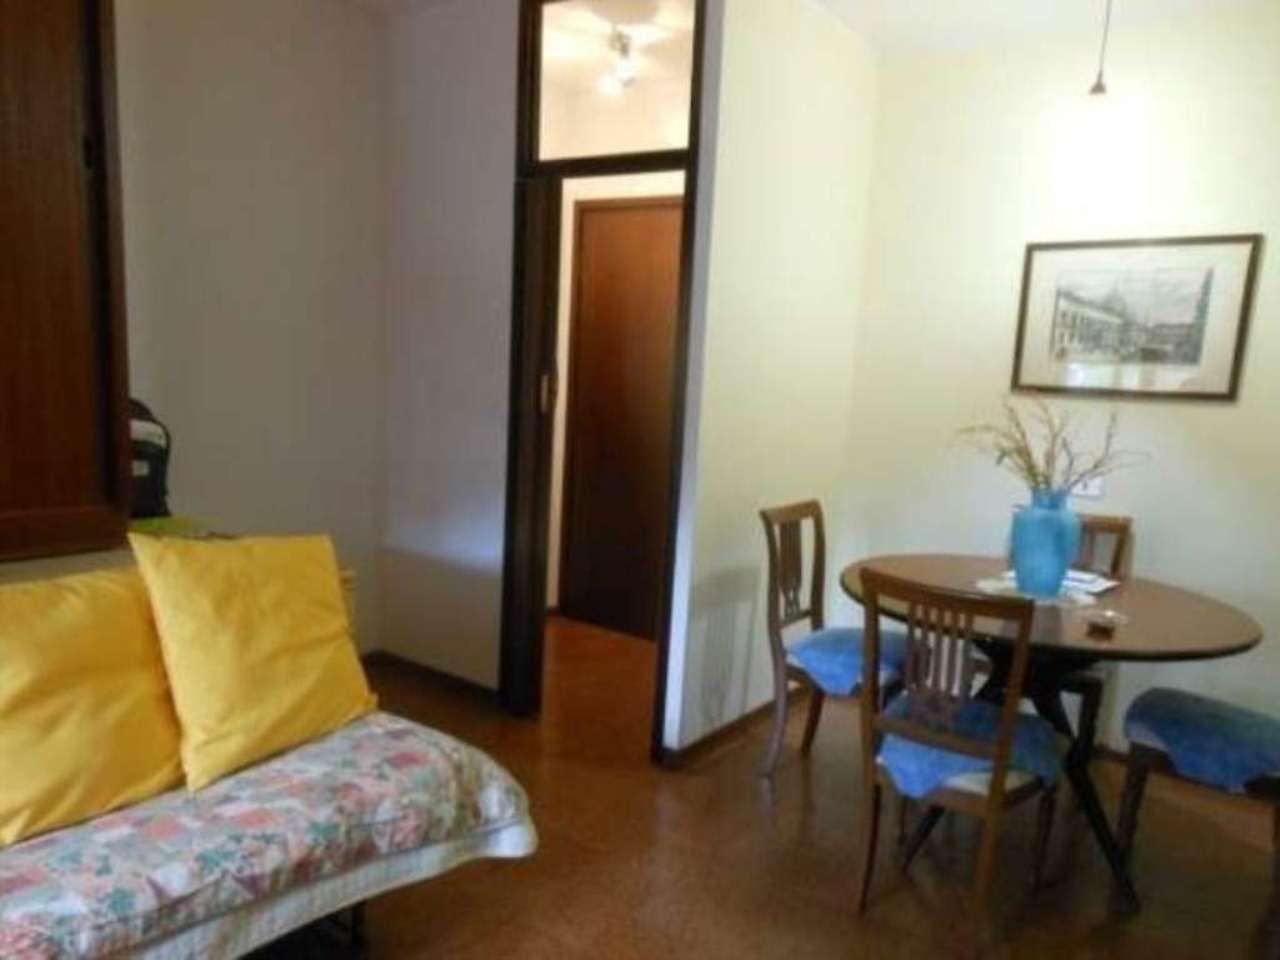 Appartamento in vendita a Luino, 1 locali, prezzo € 59.000 | Cambio Casa.it